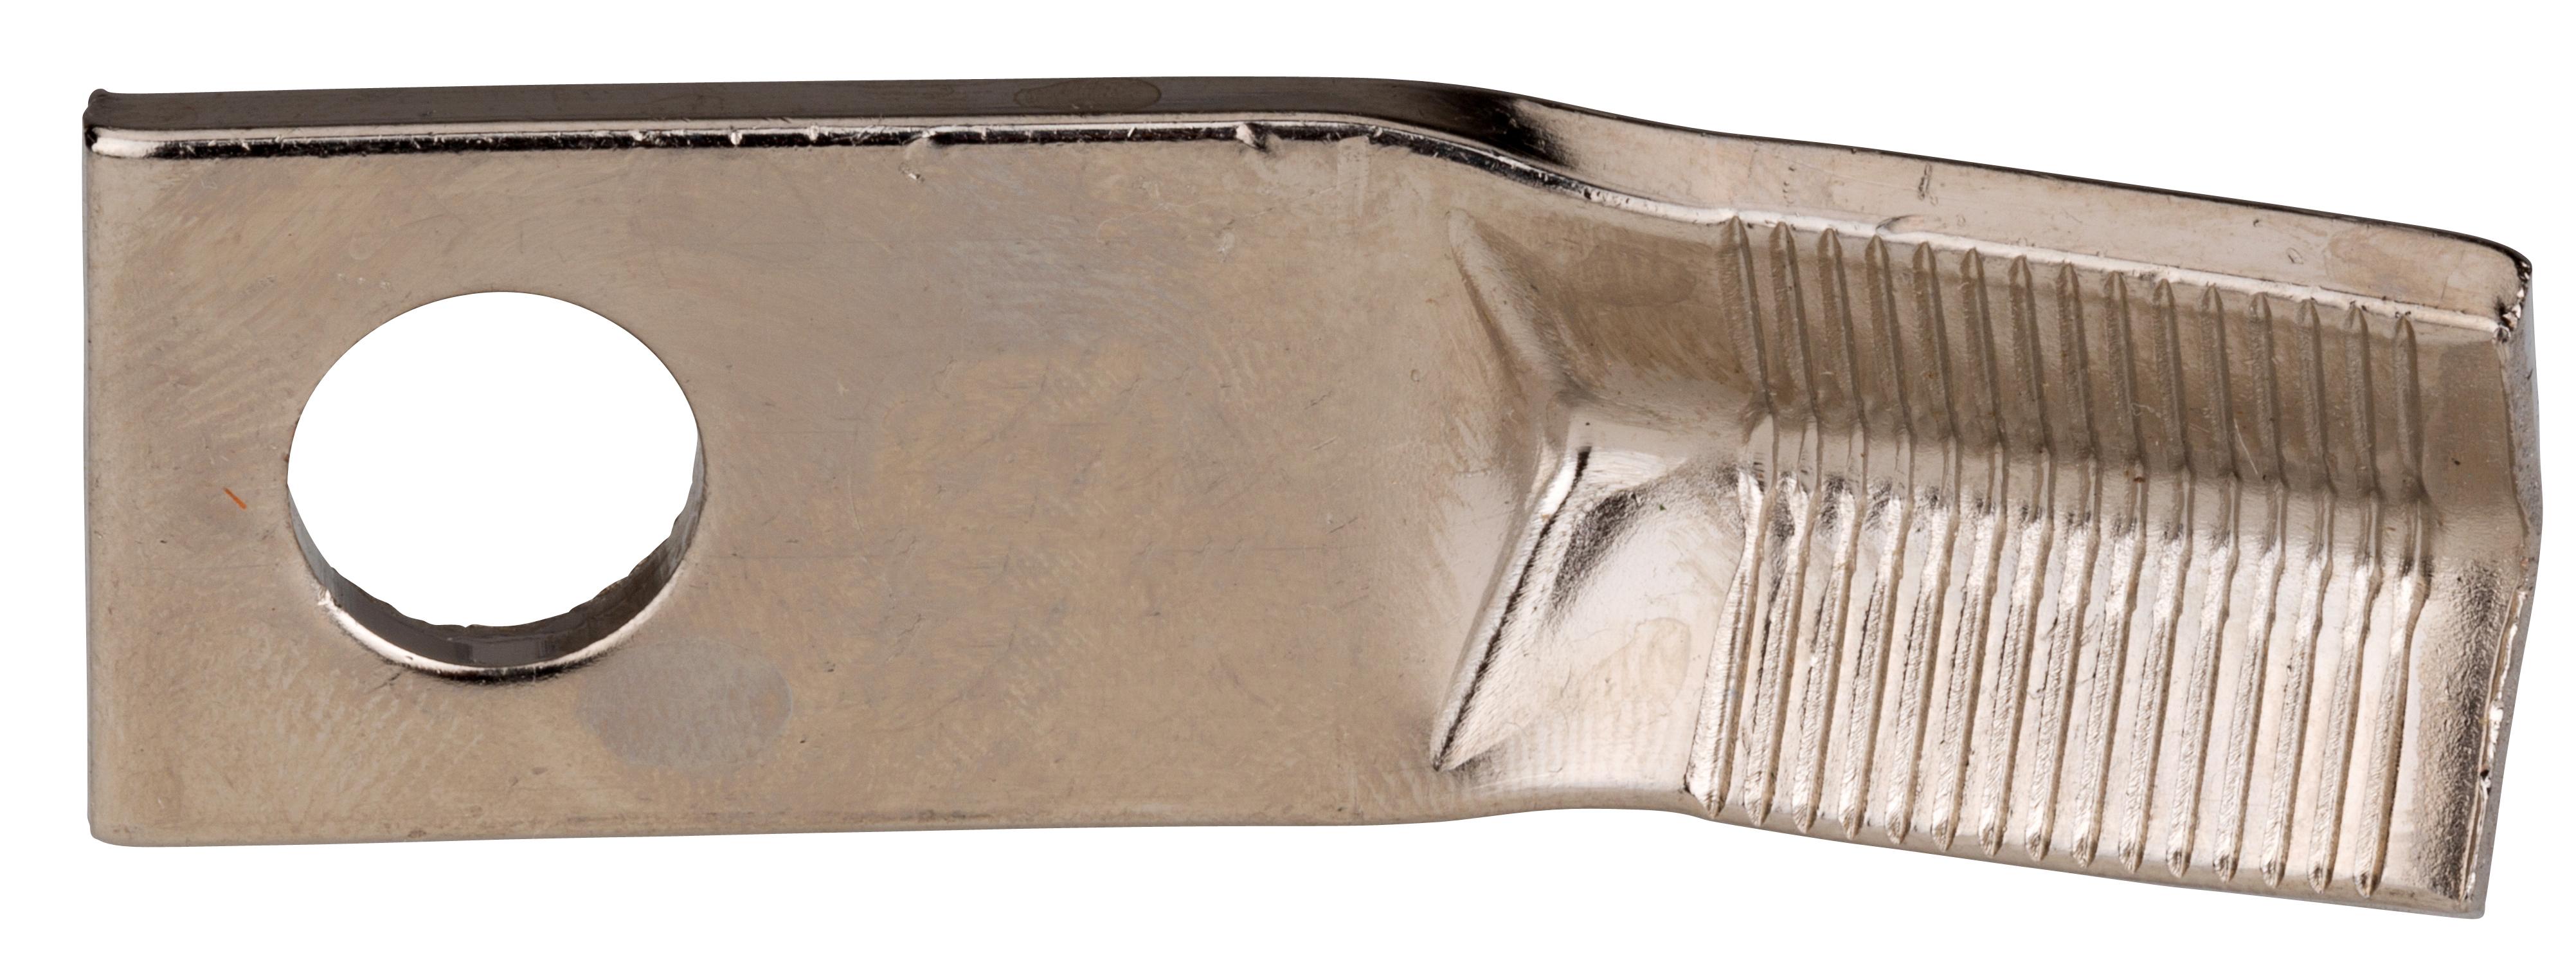 1 Stk Anschlußlasche für VK 400 für M12 IS505201-A